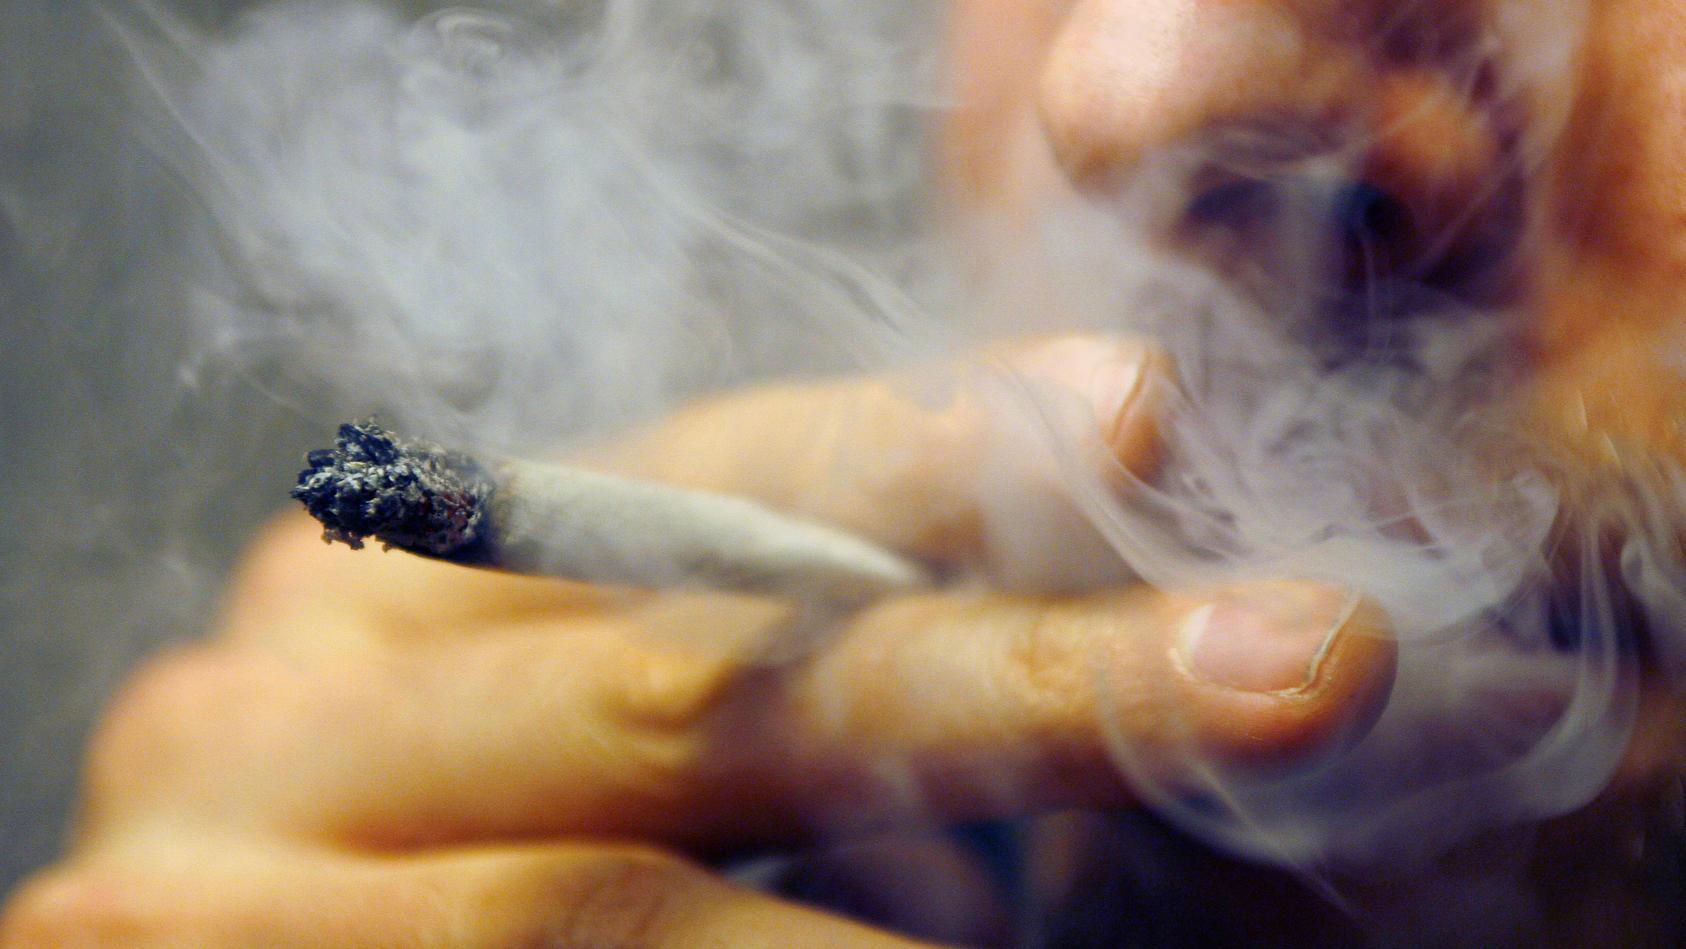 Die Legalisierung für Cannabis würde viele Probleme beseitigen, so Müller.